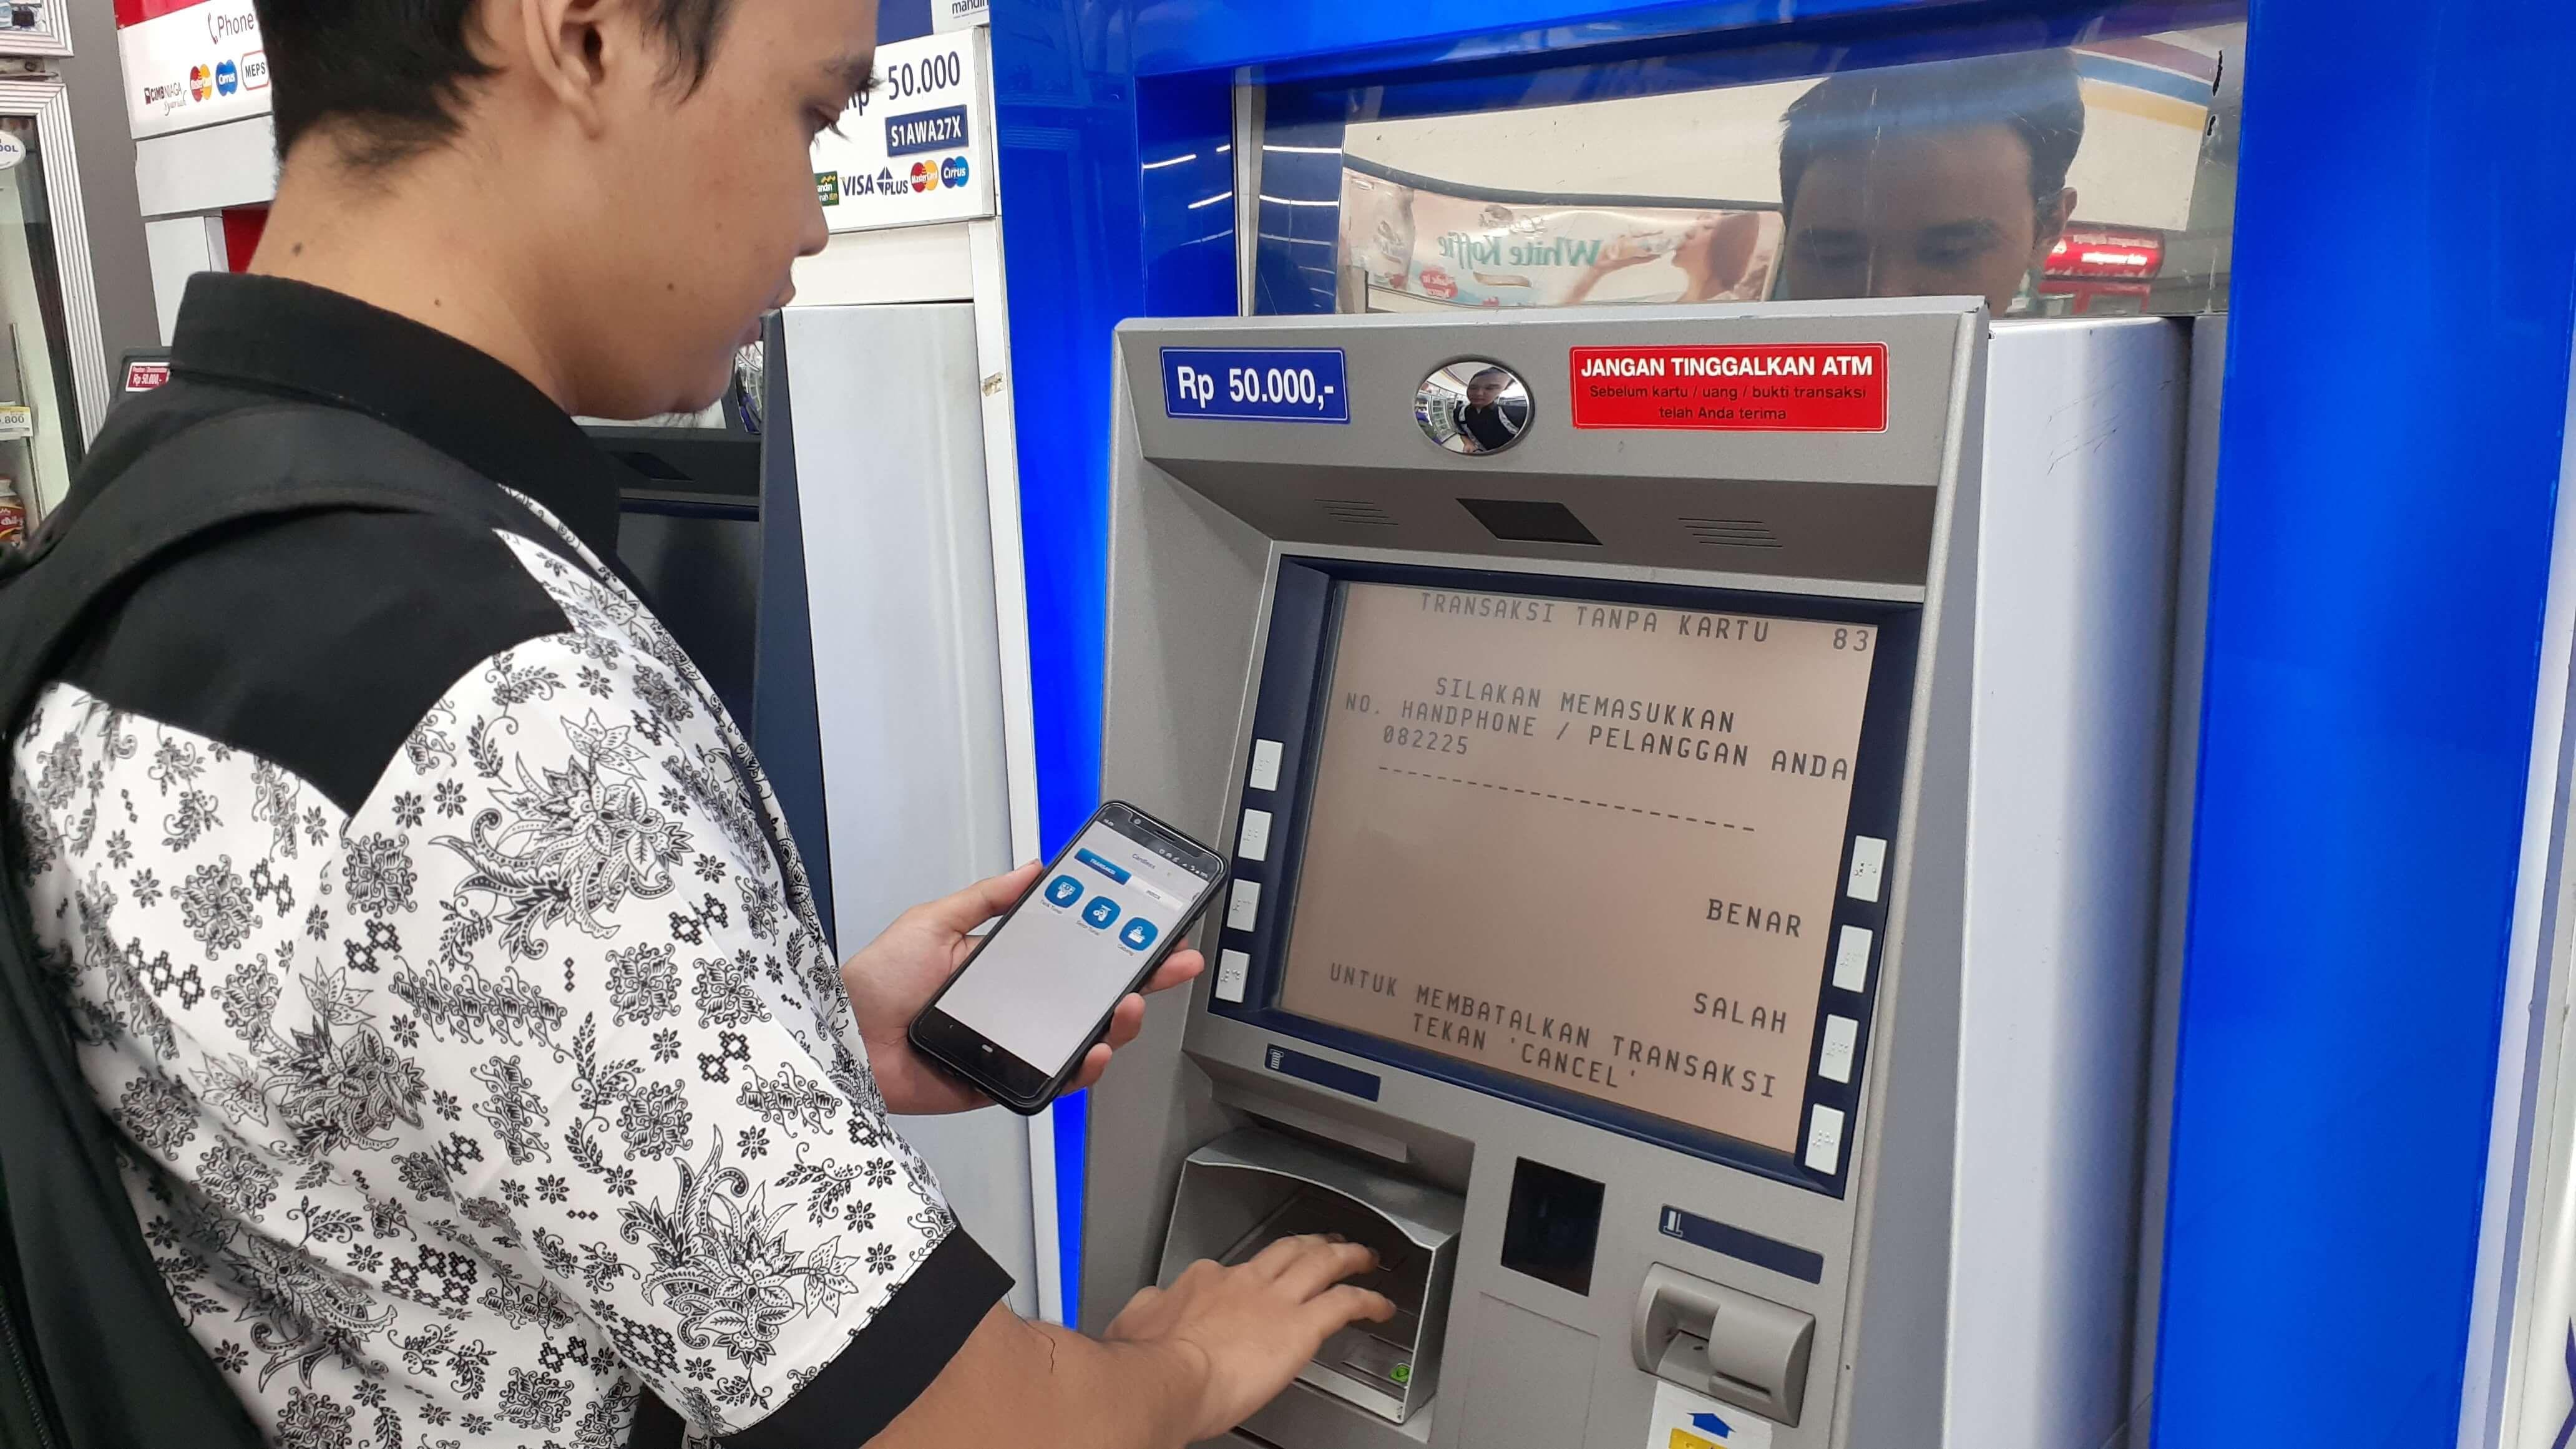 Cara Ambil Uang Di Atm Pakai Smartphone Tanpa Kartu Teknologi Id